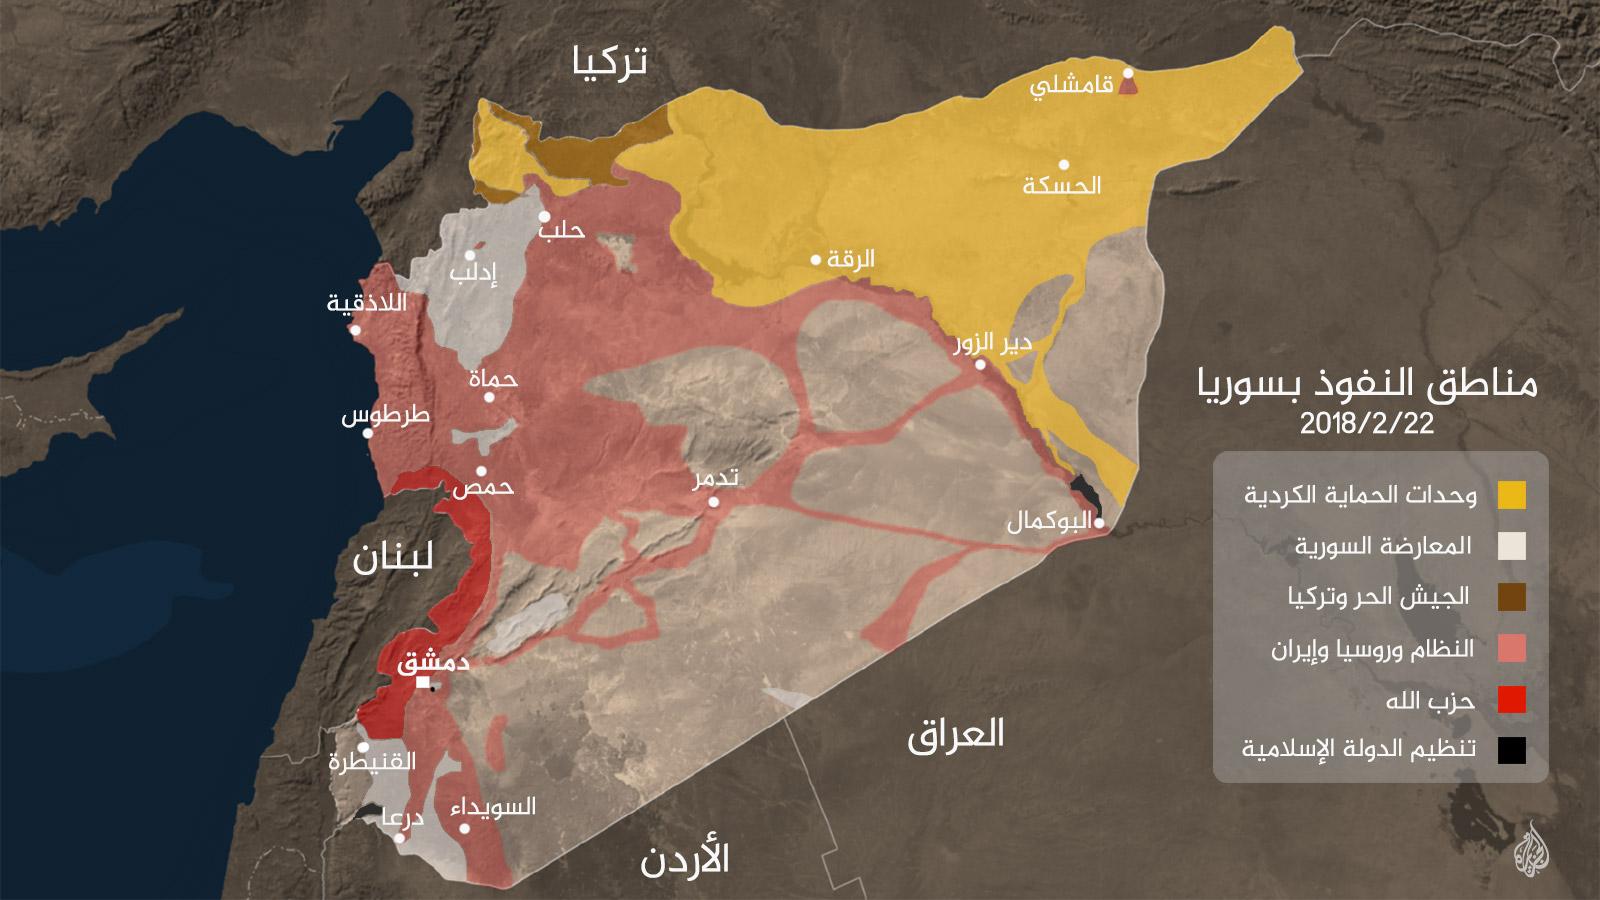 شبح التقسيم واكتمال الصراع على سوريا